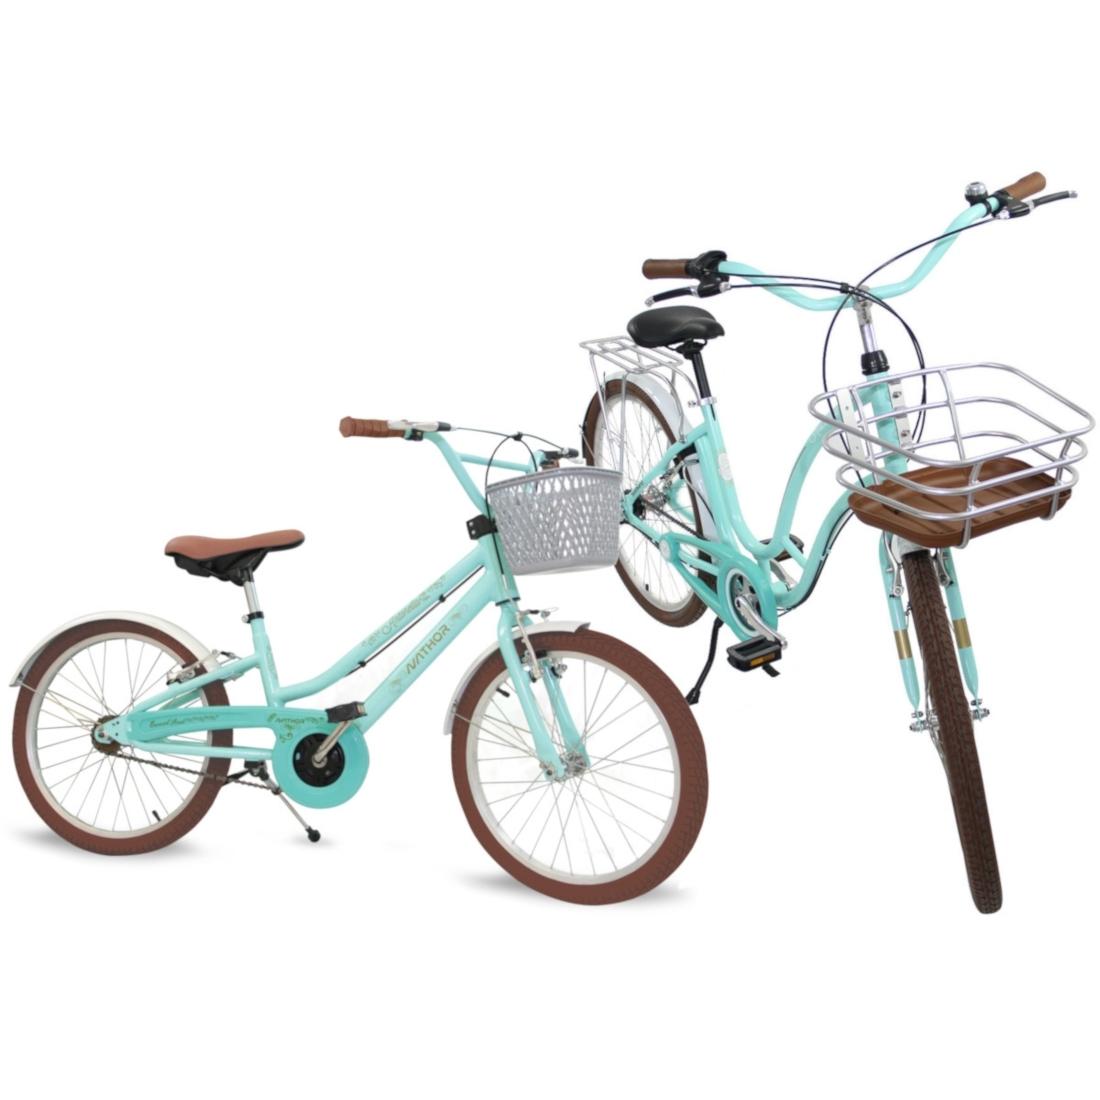 Bicicleta Retrô Vintage Antonella Aro 26 e Aro 20 Kit Mãe e Filha